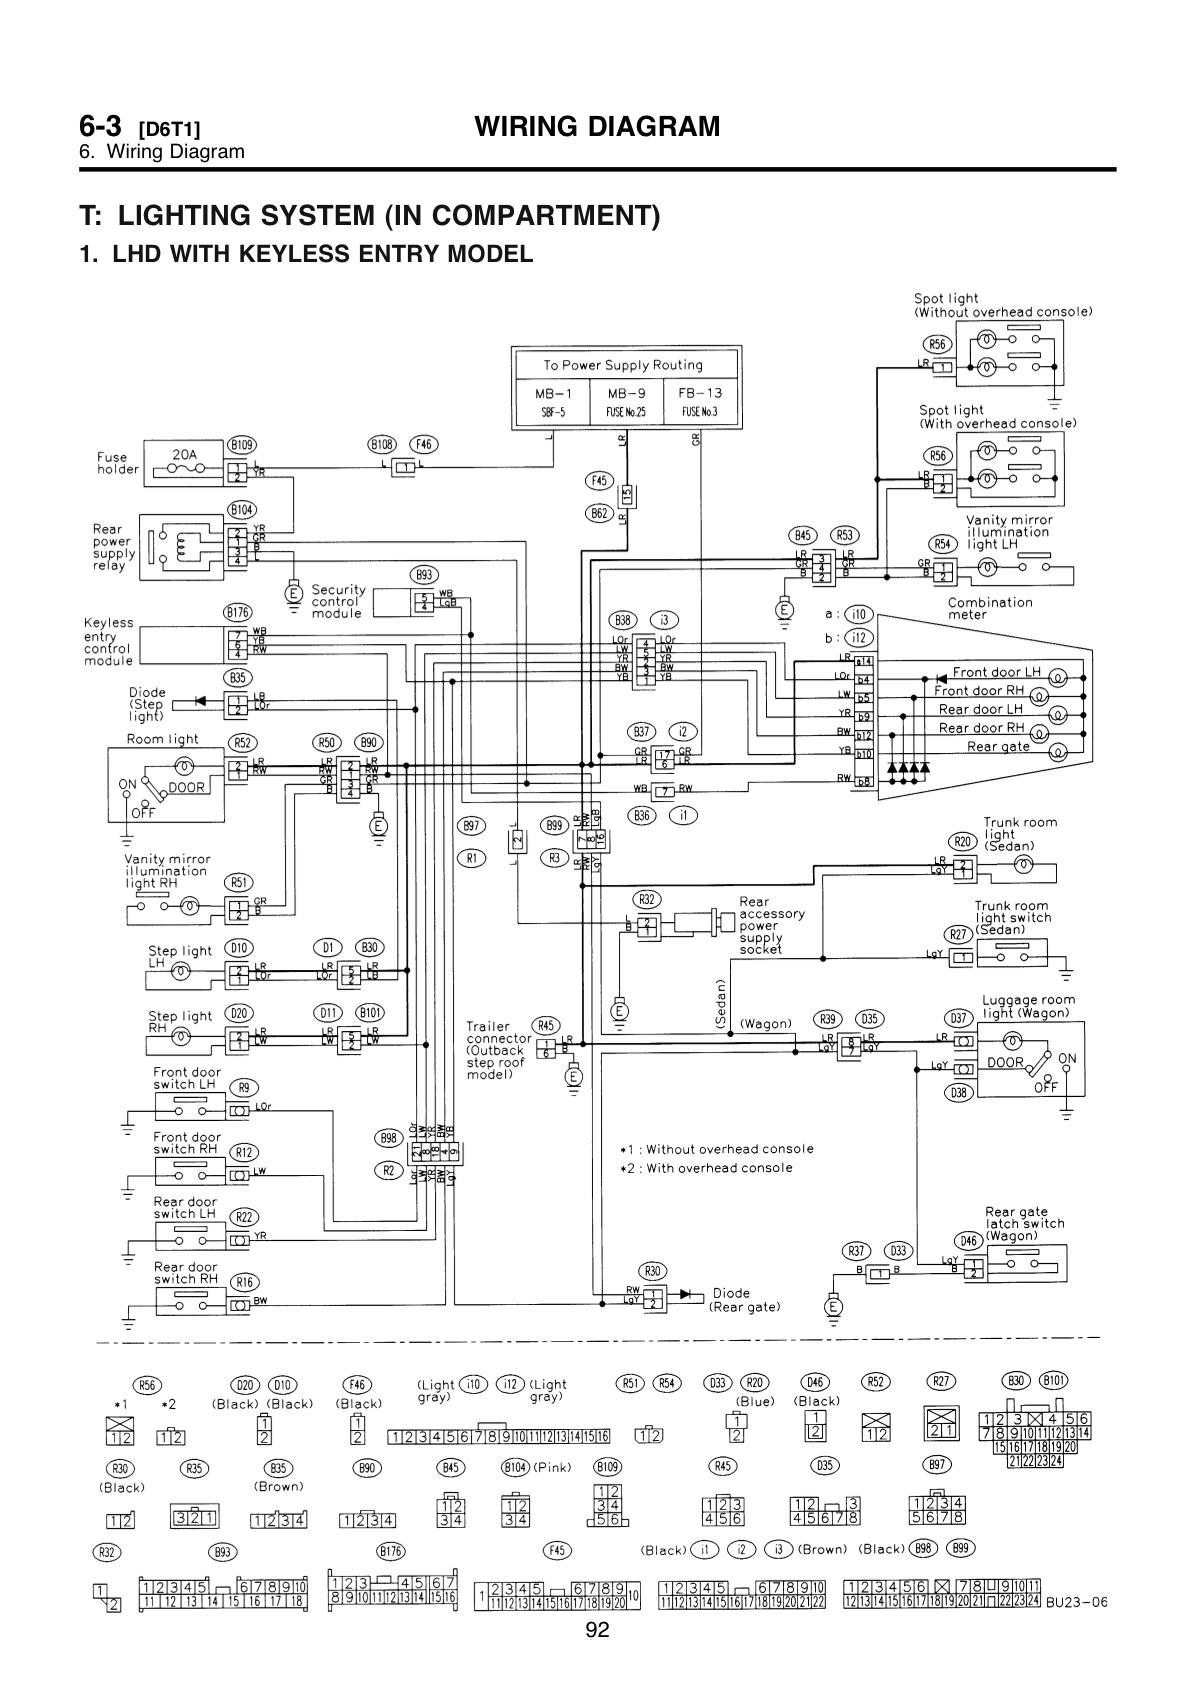 85 ford f 250 wiring diagram rn 7068  1985 ford f 250 ac wiring diagram free diagram  1985 ford f 250 ac wiring diagram free